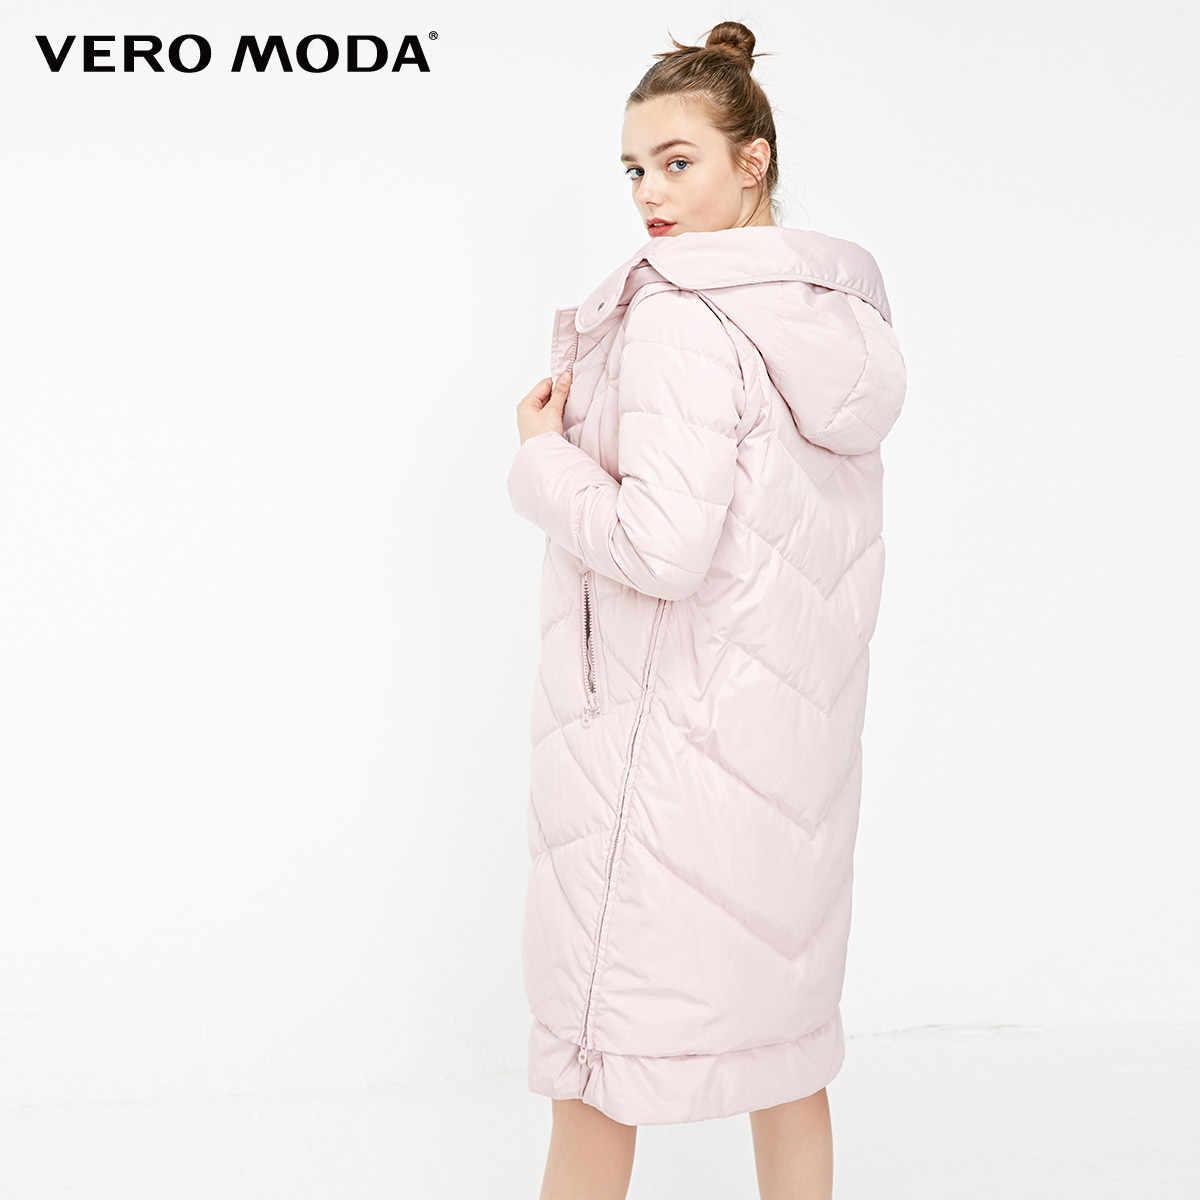 Vero Moda новый с капюшоном съемный рукав боковой молнии плед длинный пуховик женский | 318312502